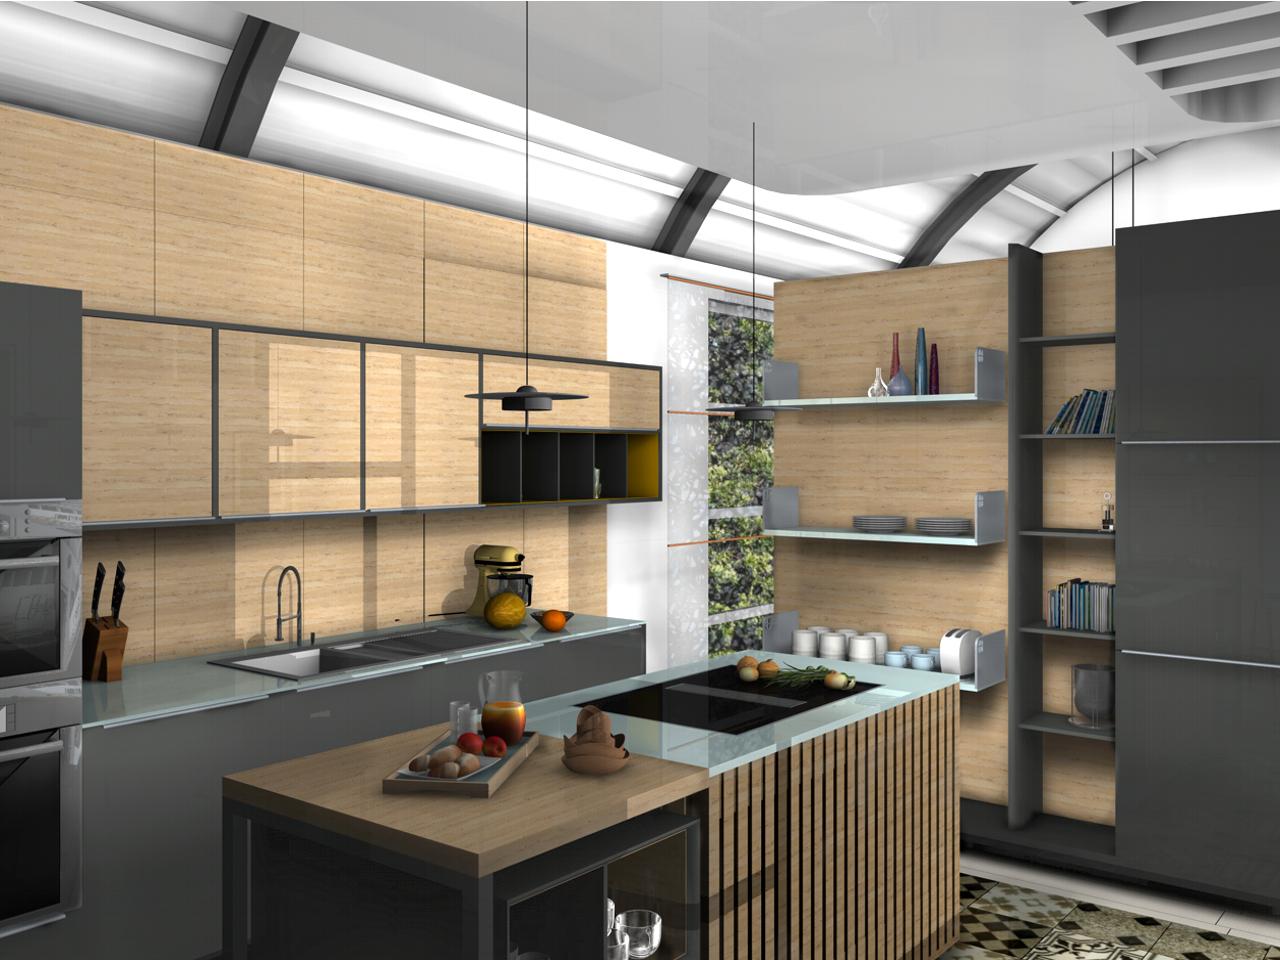 Küche - Innenarchitekt Michael Schneider,Innenarchitektur ...